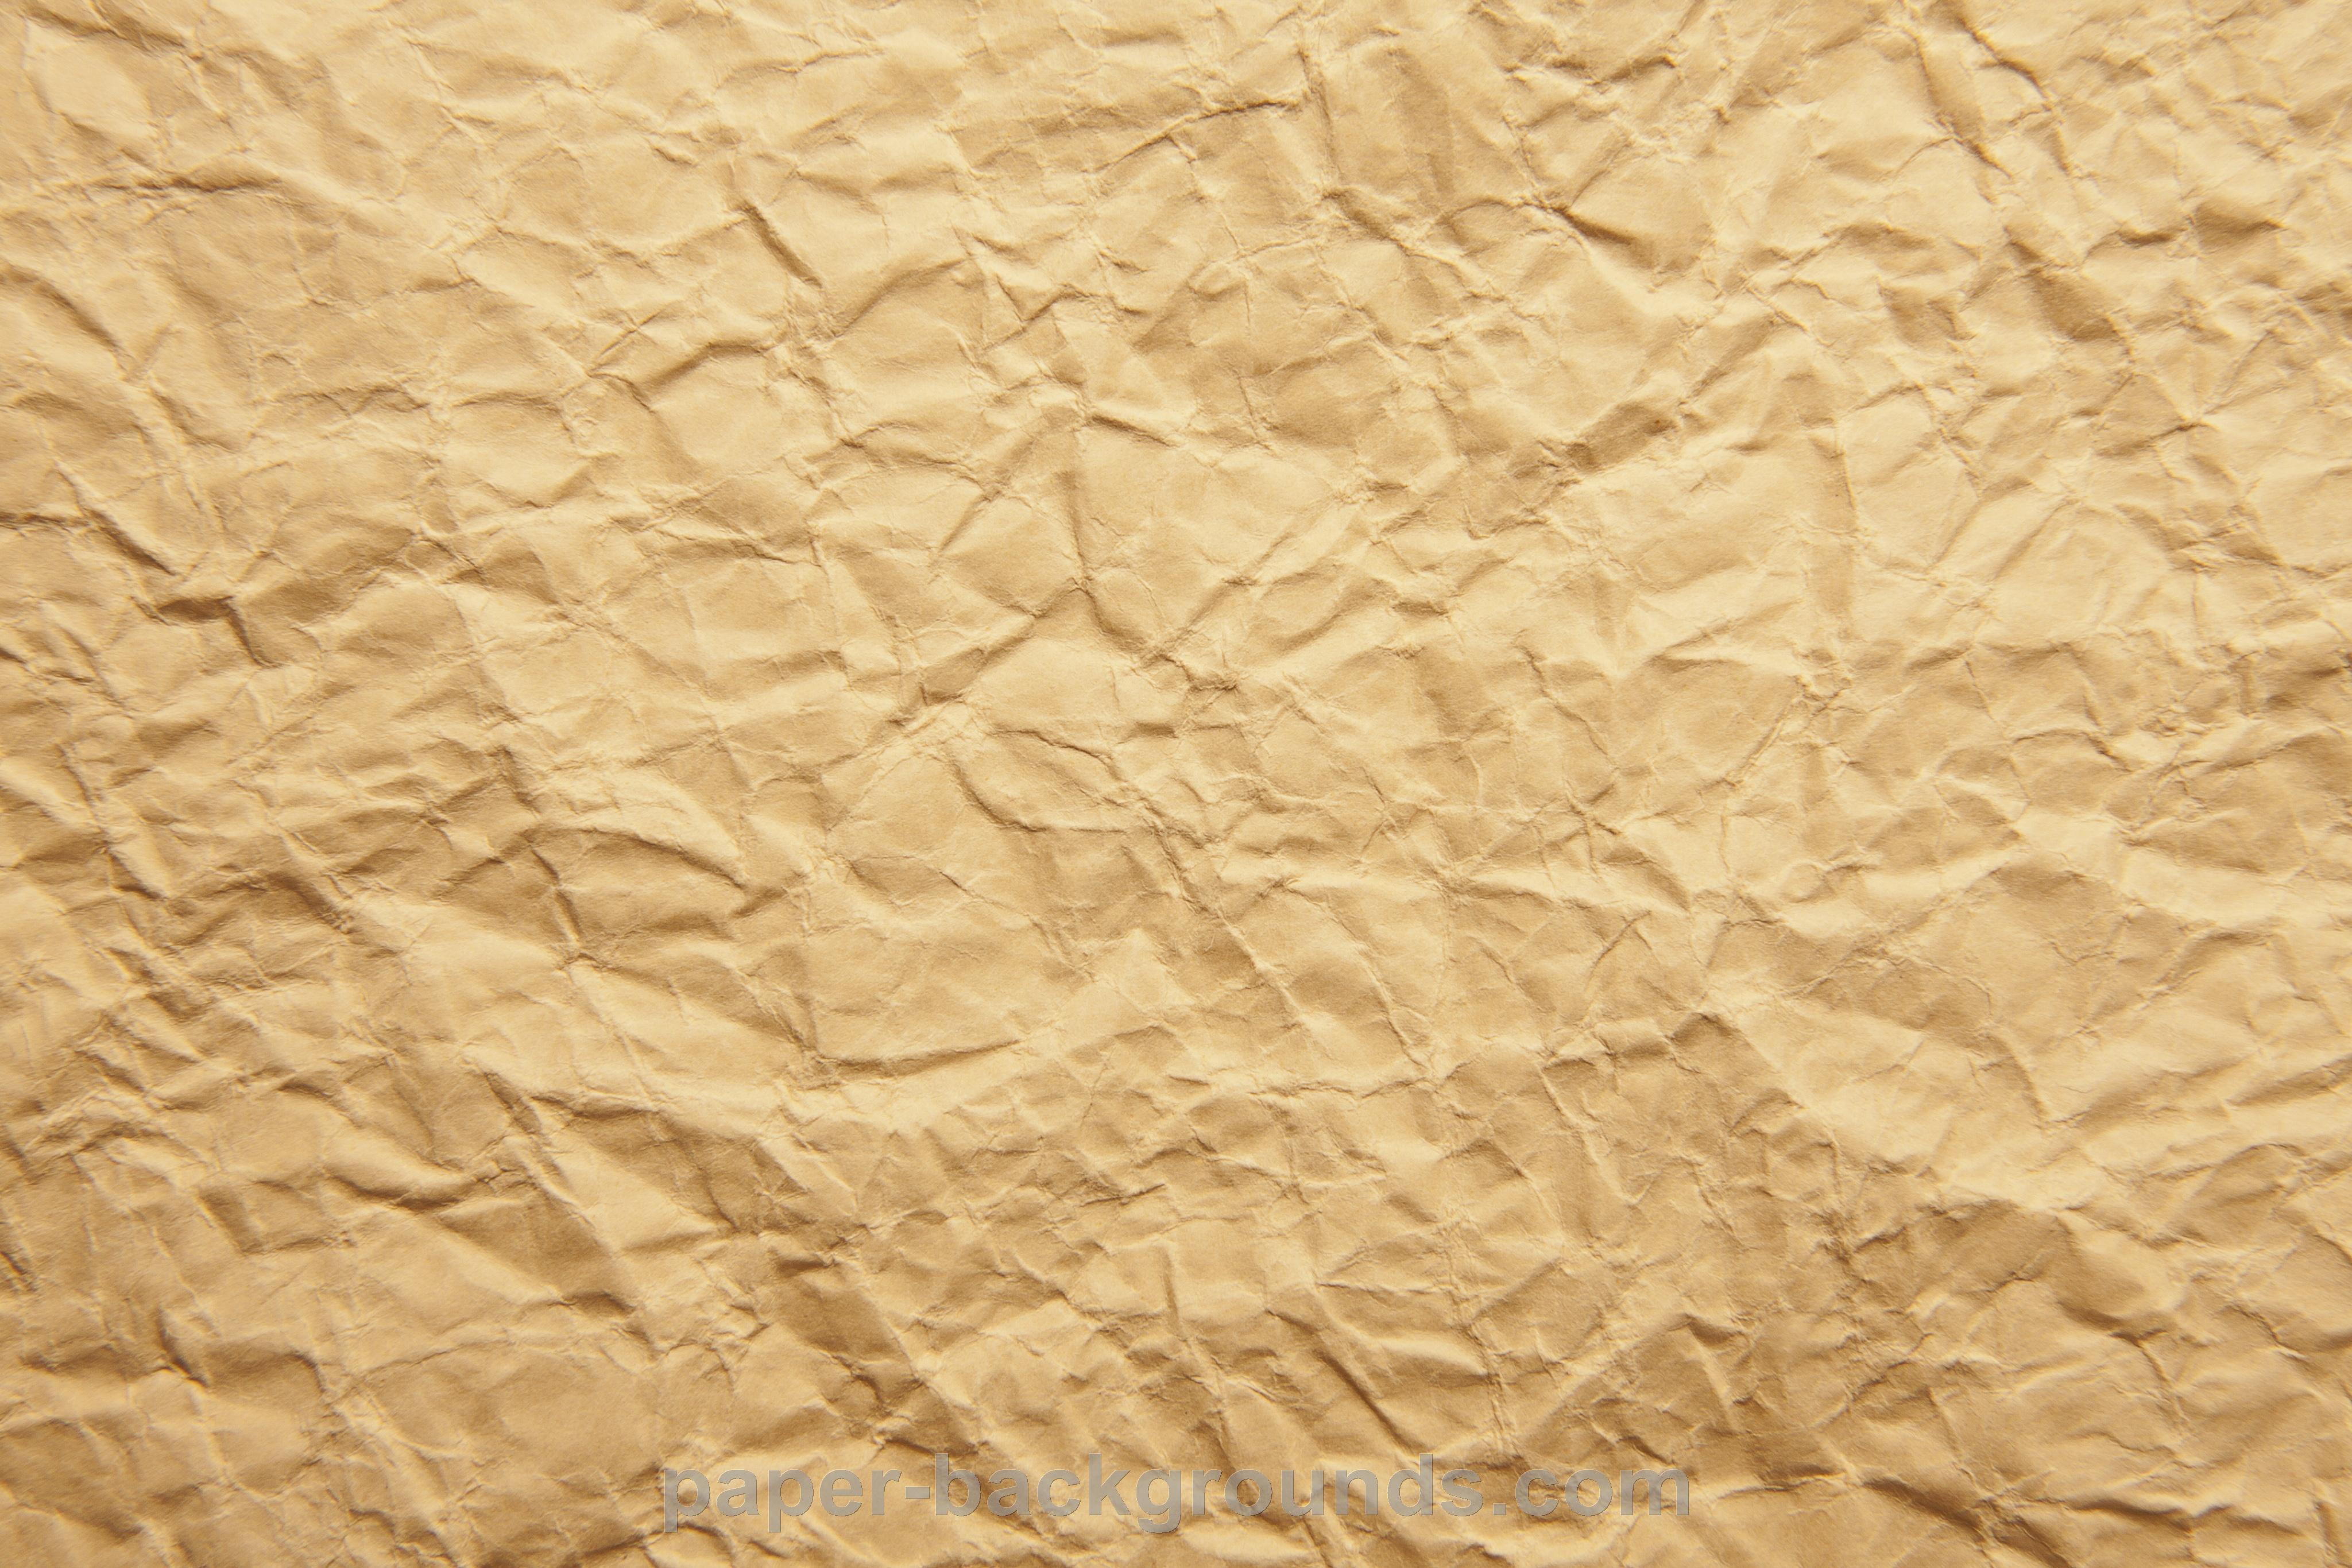 Wrinkled paper wallpaper Wallpaper Wide HD 4096x2731